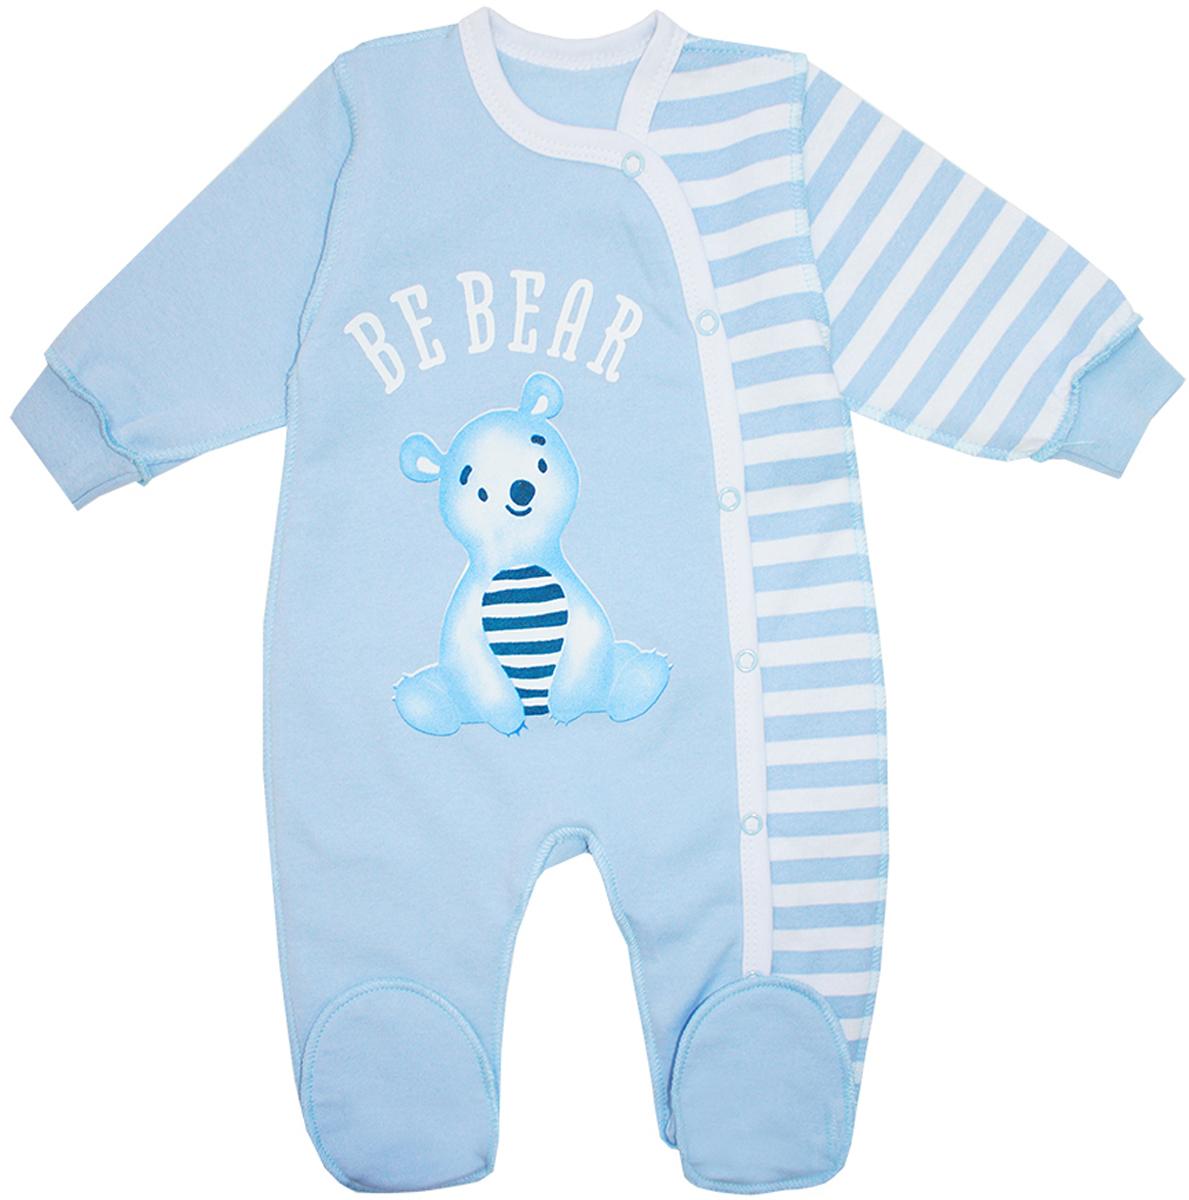 Комбинезон для мальчика КотМарКот Be Bear, цвет: голубой, белый. 6372. Размер 62, 1-3 месяца6372Комбинезон для мальчика КотМарКот Be Bear выполнен из натурального хлопка. Комбинезон с круглым вырезом горловины, длинными рукавами и закрытыми ножками имеет застежки-кнопки спереди от горловины до низа брючины, которые помогают легко переодеть младенца или сменить подгузник. Рукава дополнены эластичными манжетами. Изделие оформлено принтом с изображением мишки.